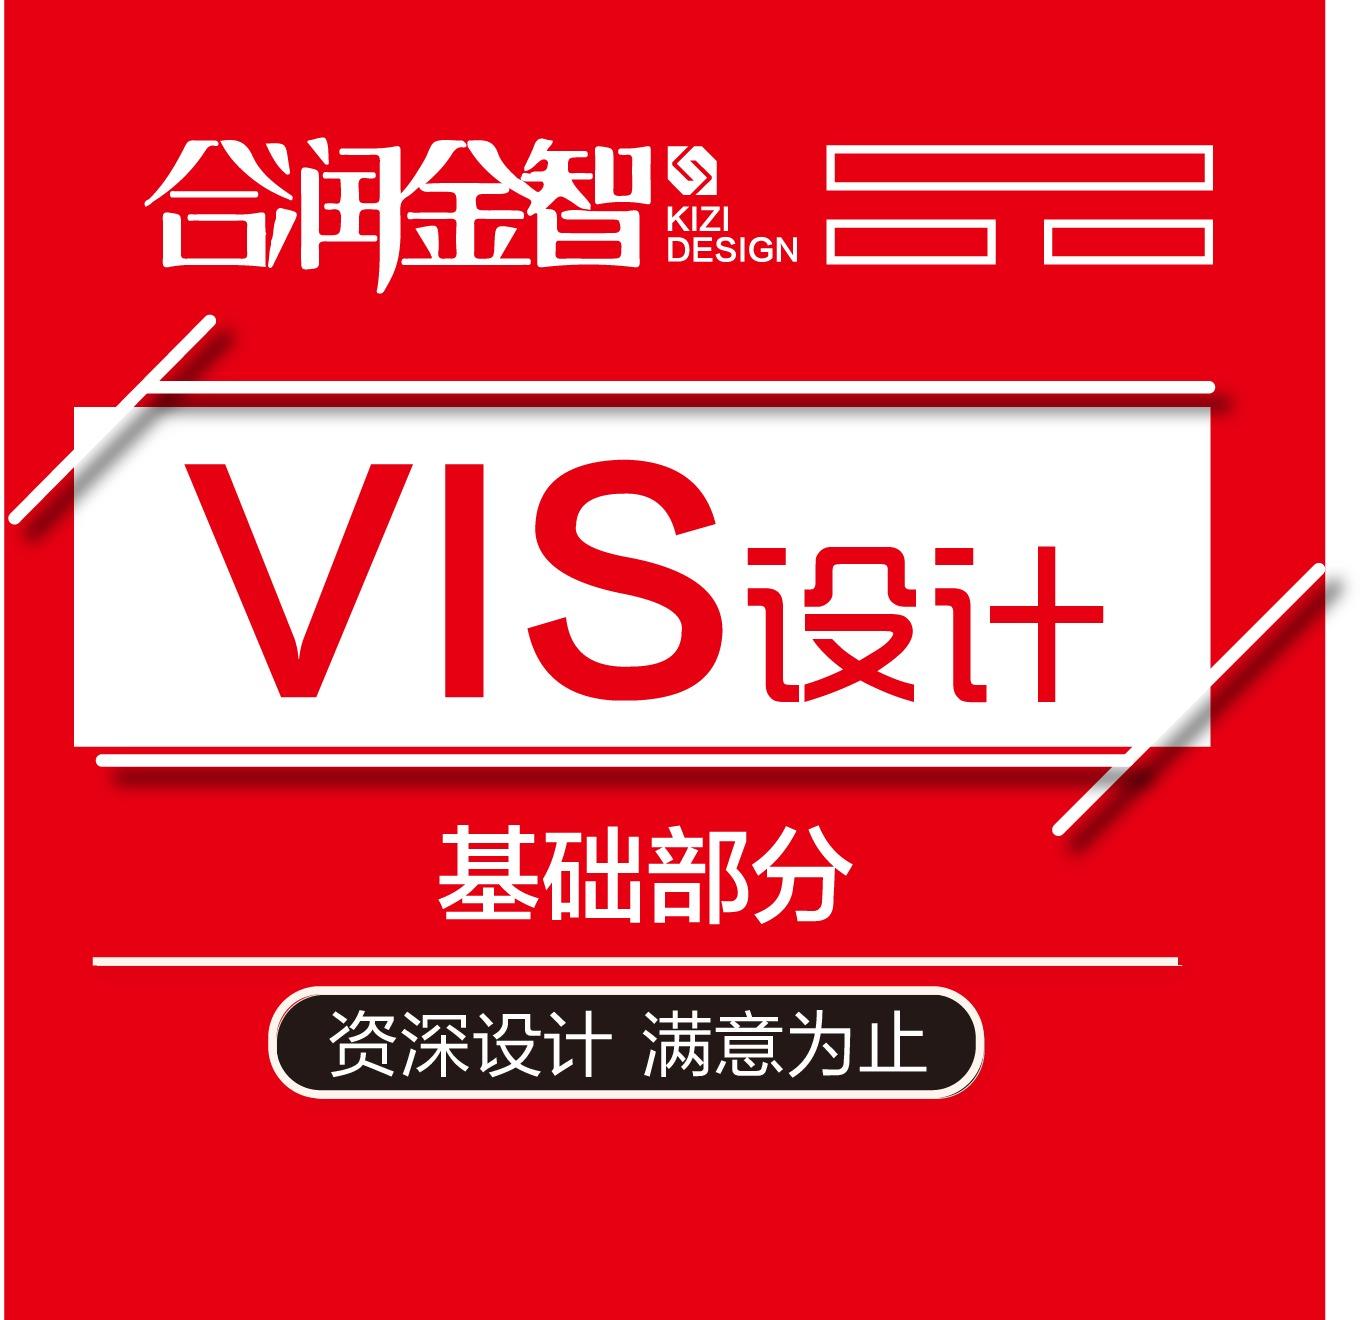 企业形象vi应用系统设计VIS视觉识别全套品牌设计标志设计